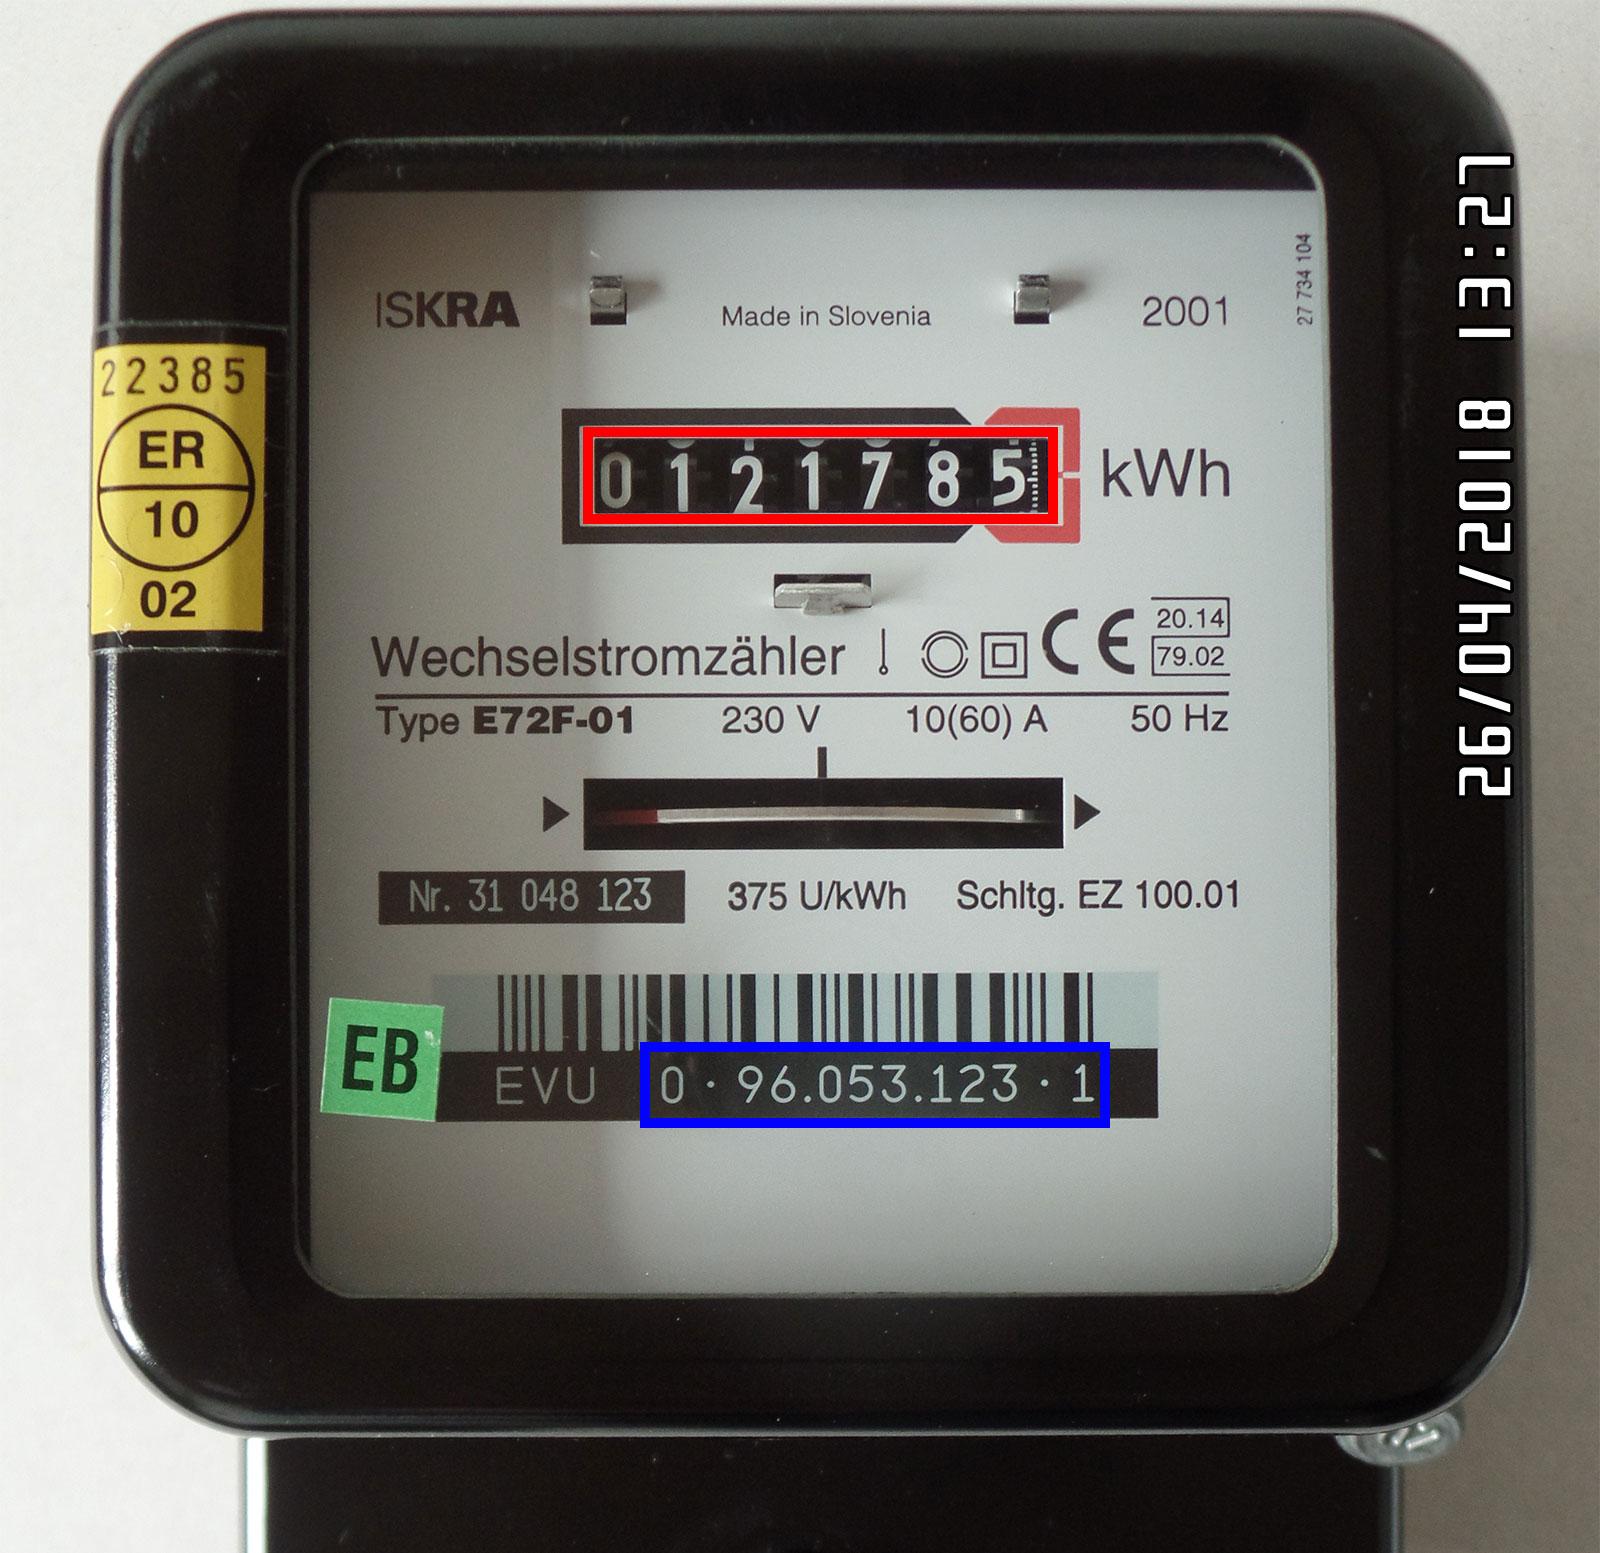 Stromzähler Richtig Ablesen Und Berechnen : z hler ablesen energie und wasserwerke bautzen gmbh ~ Themetempest.com Abrechnung